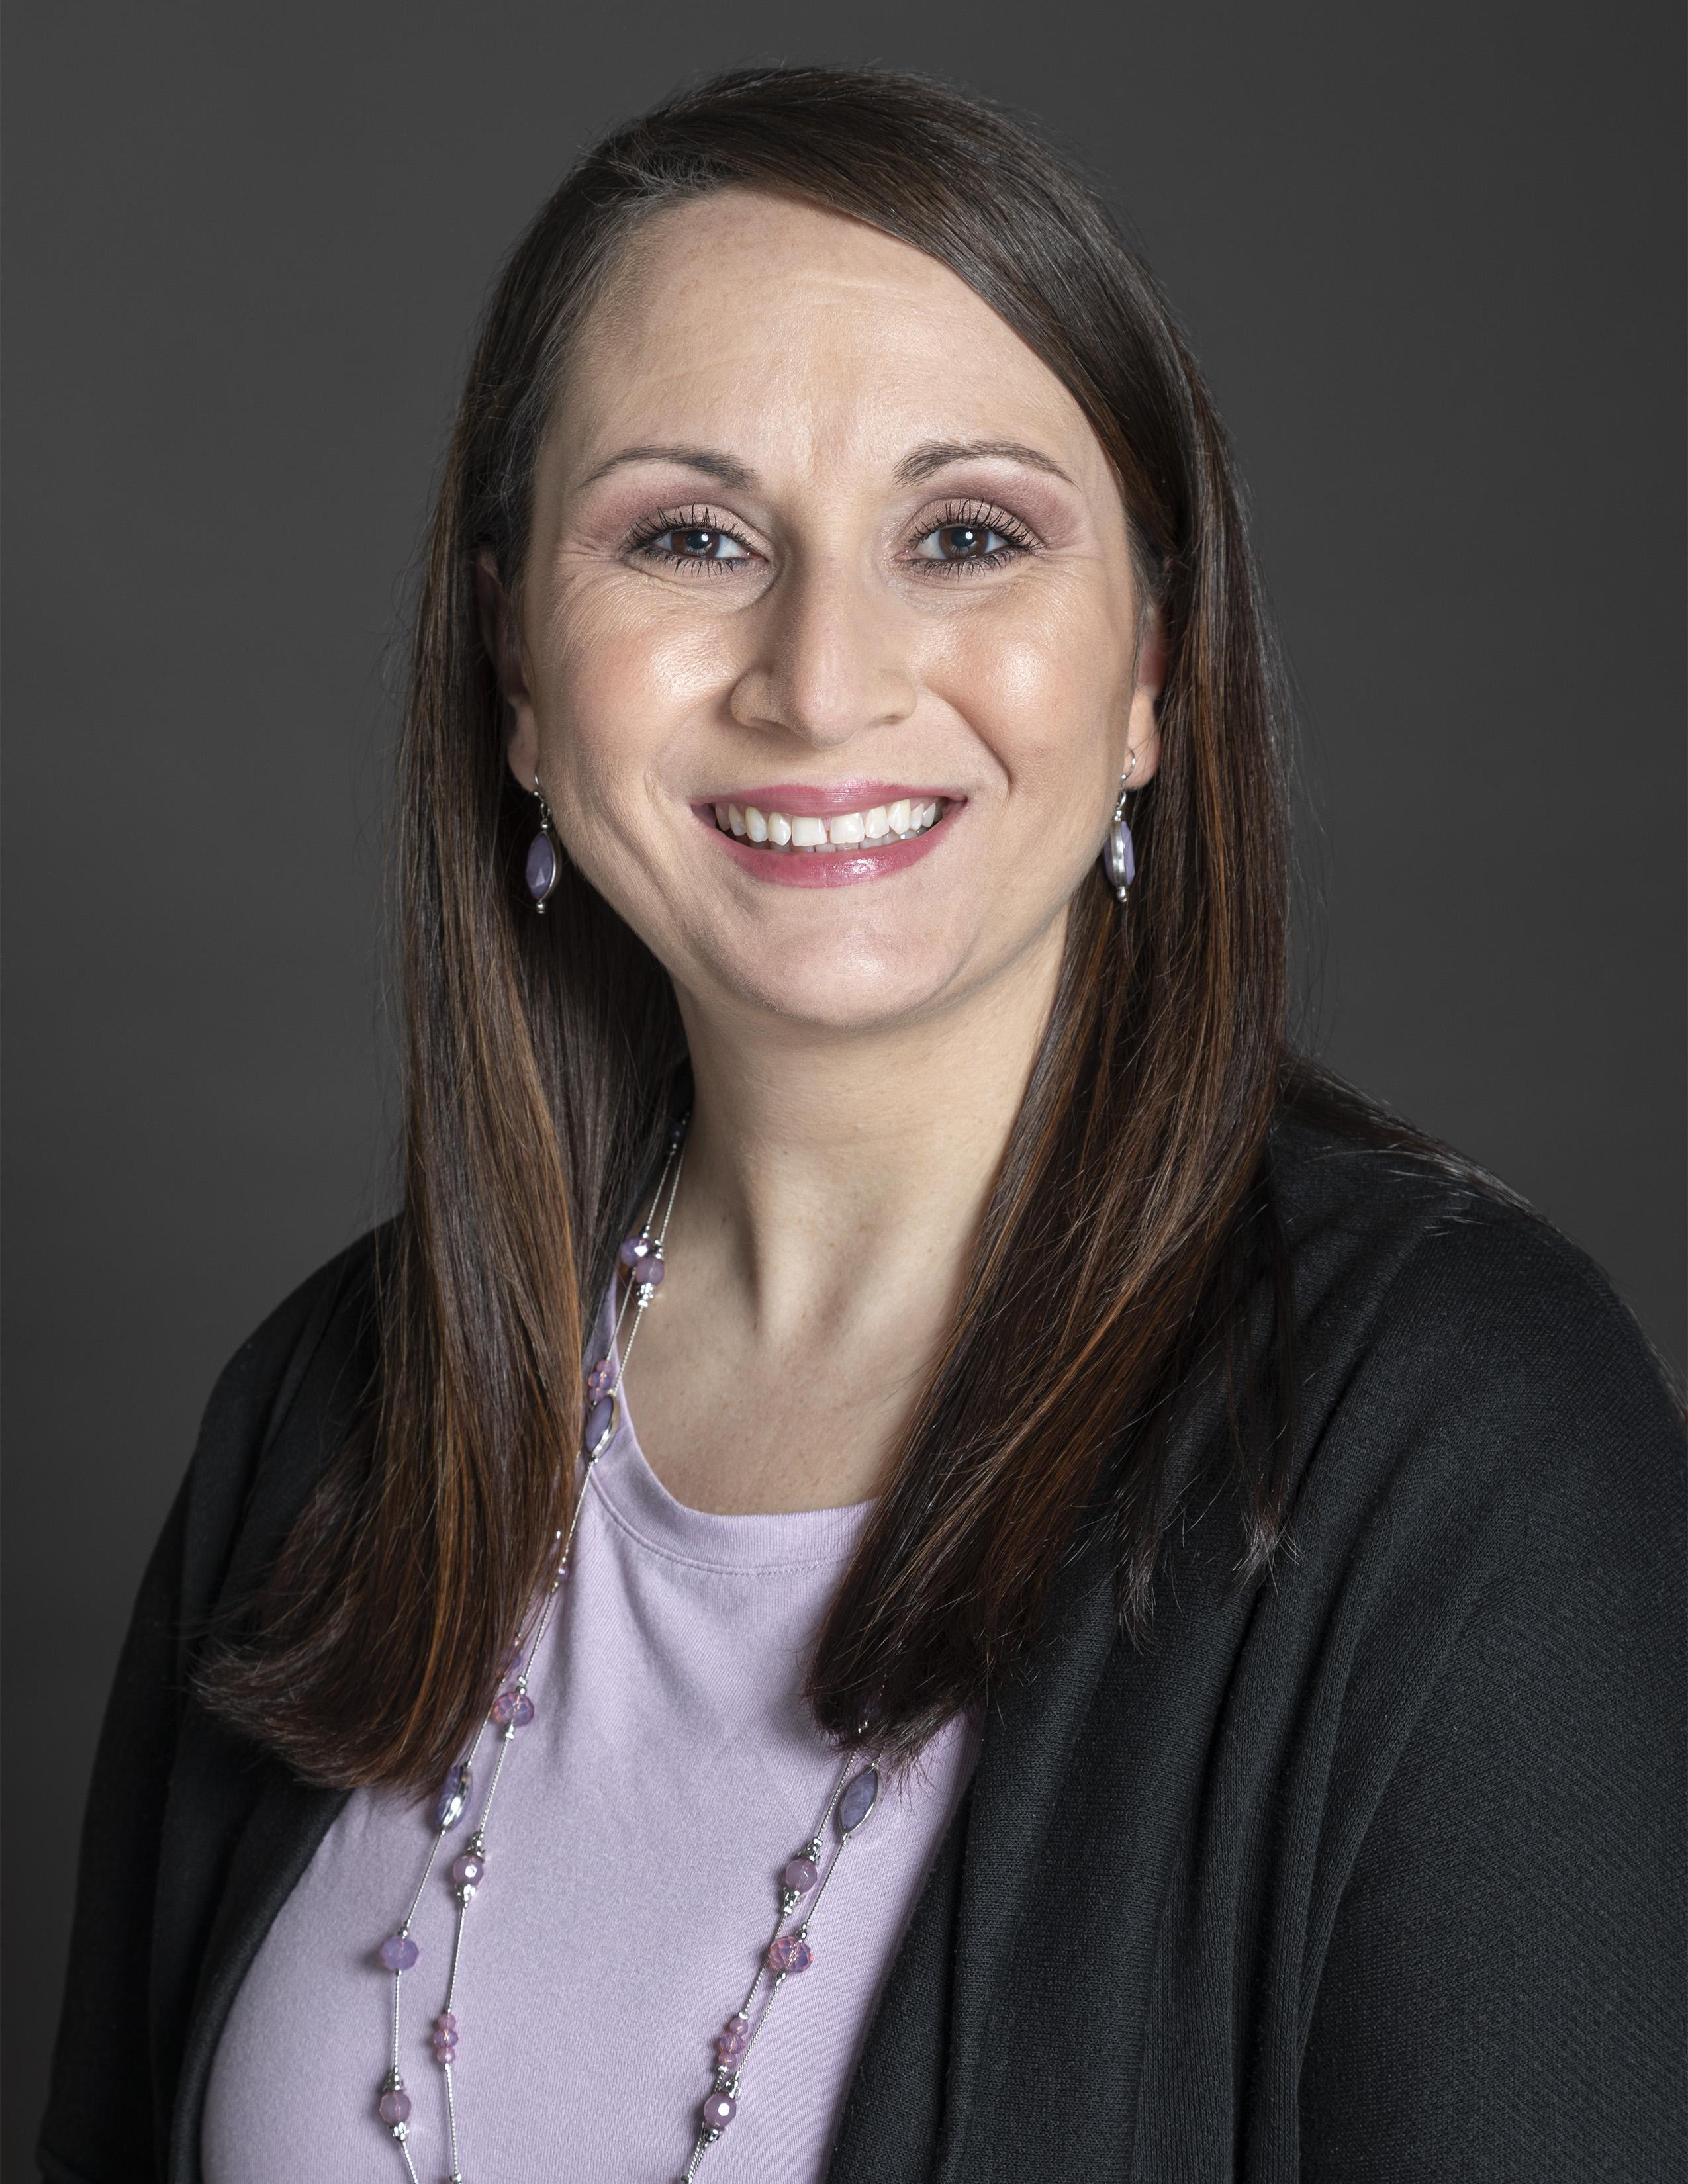 Denise Marsh